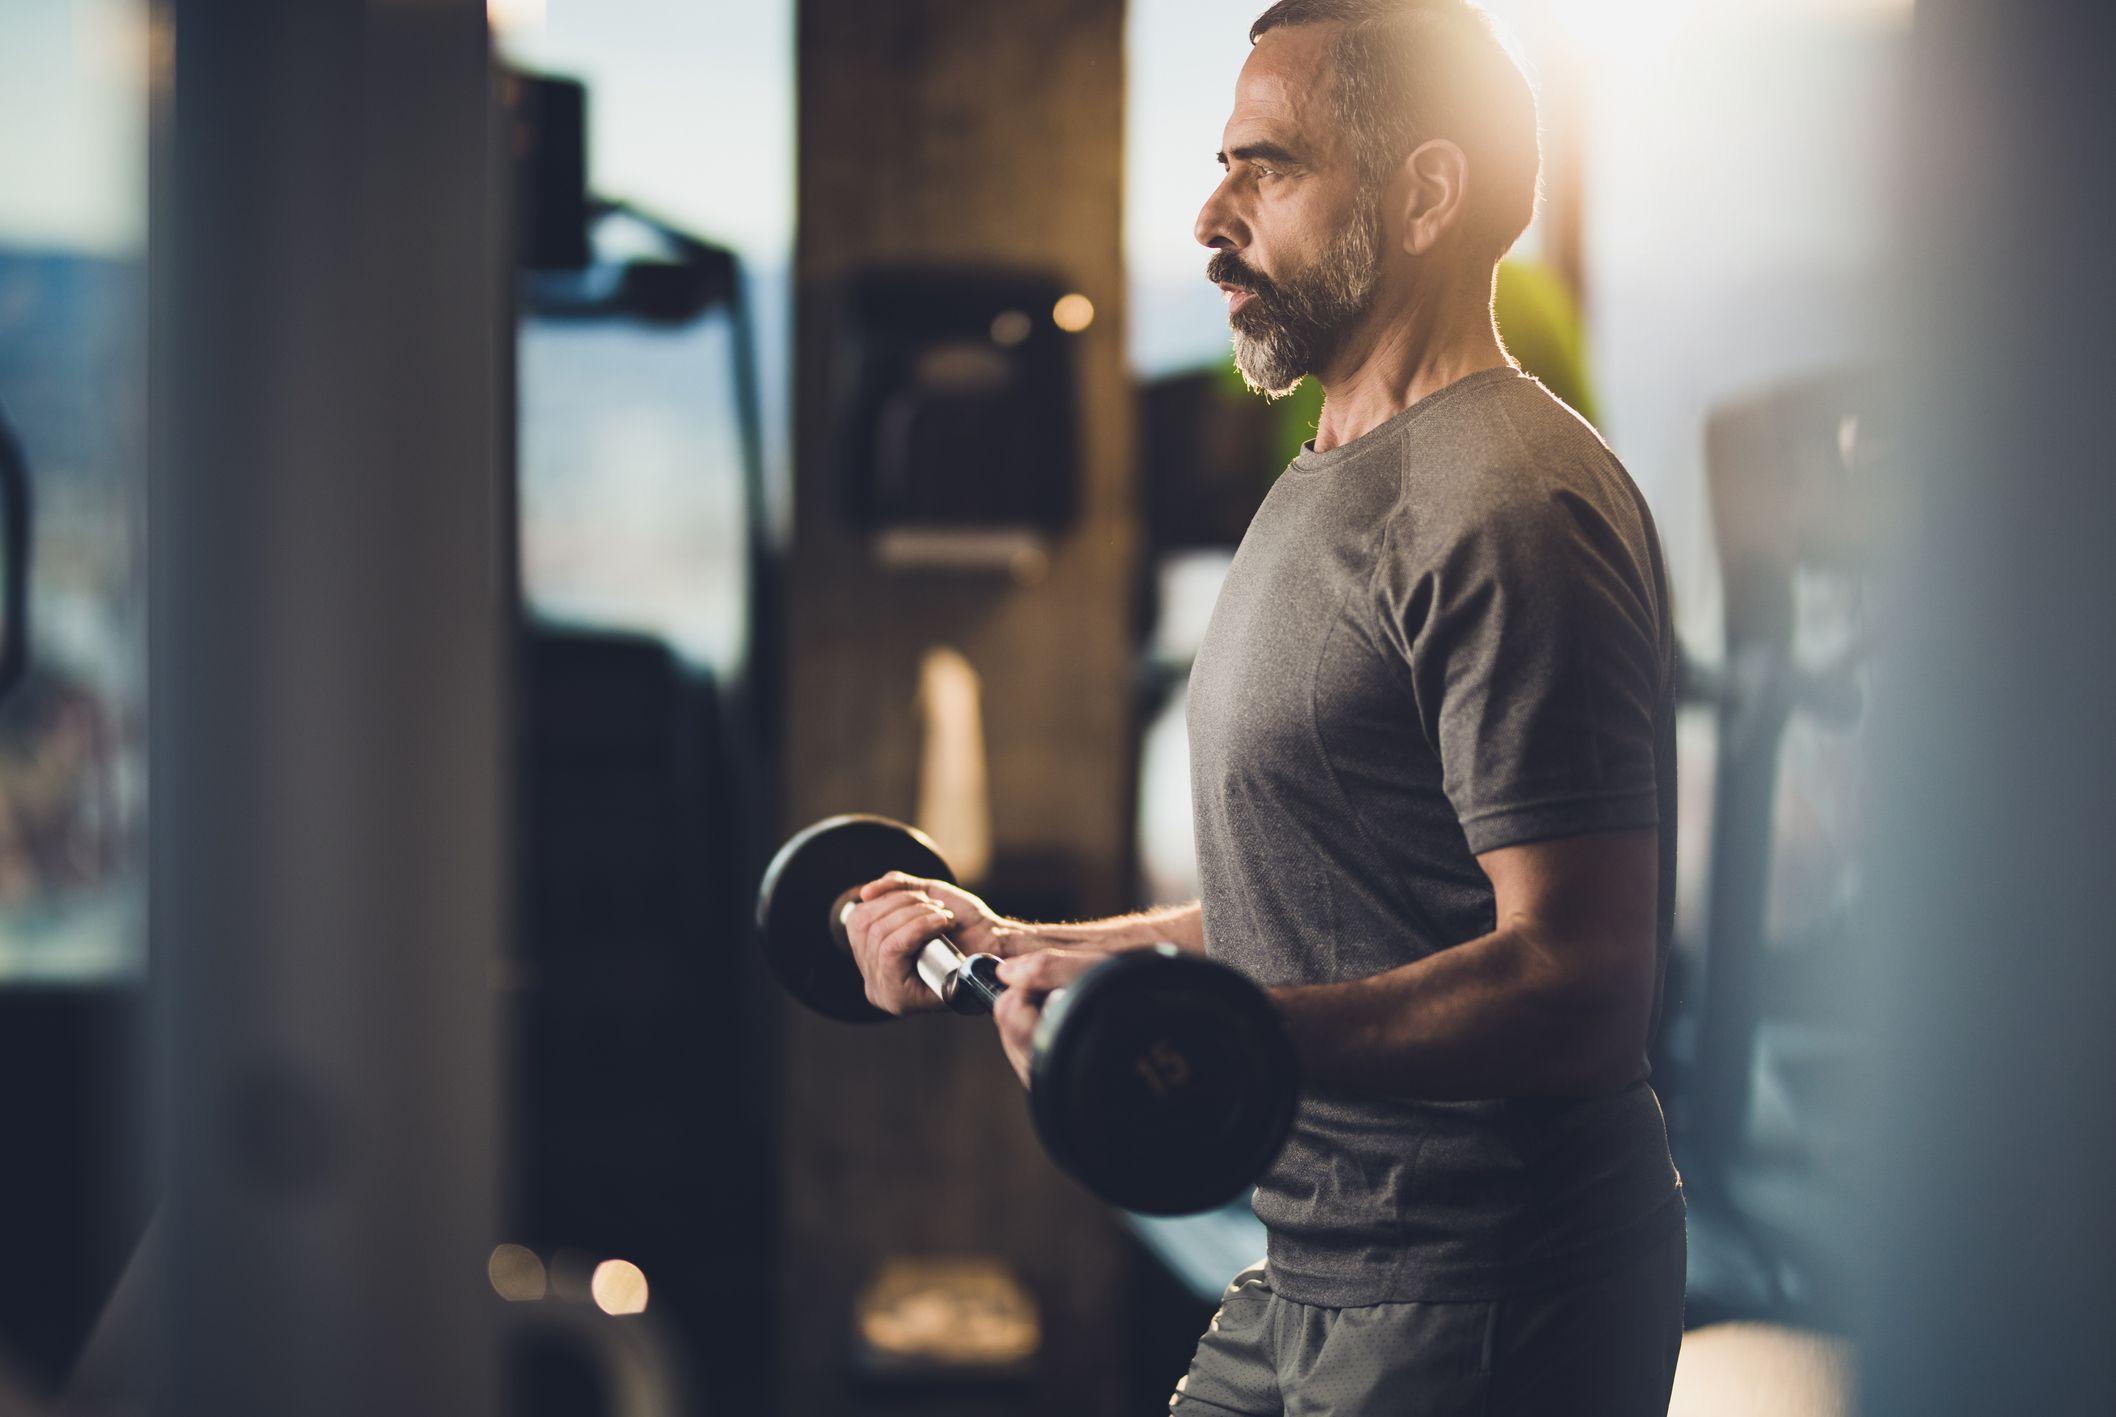 testosterona en hombres mayores de 50 años